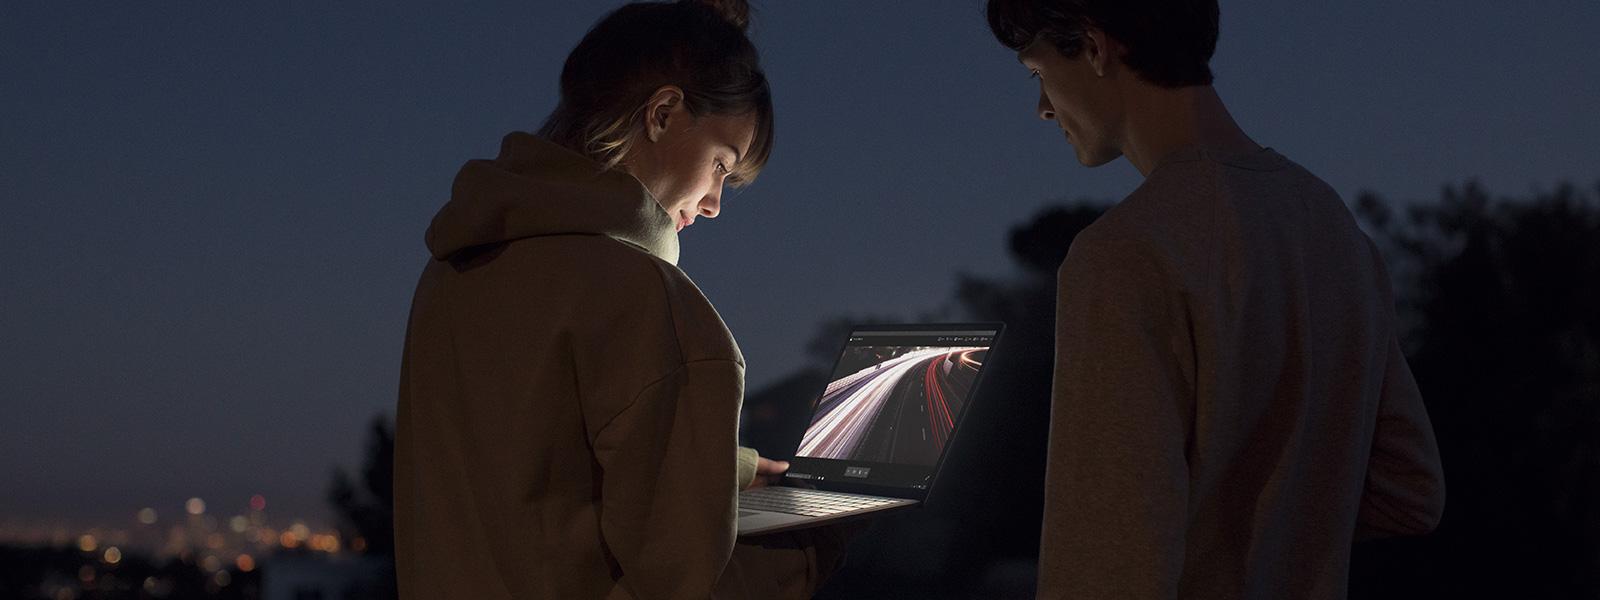 Zwei Personen nutzen Surface im Dunkeln.